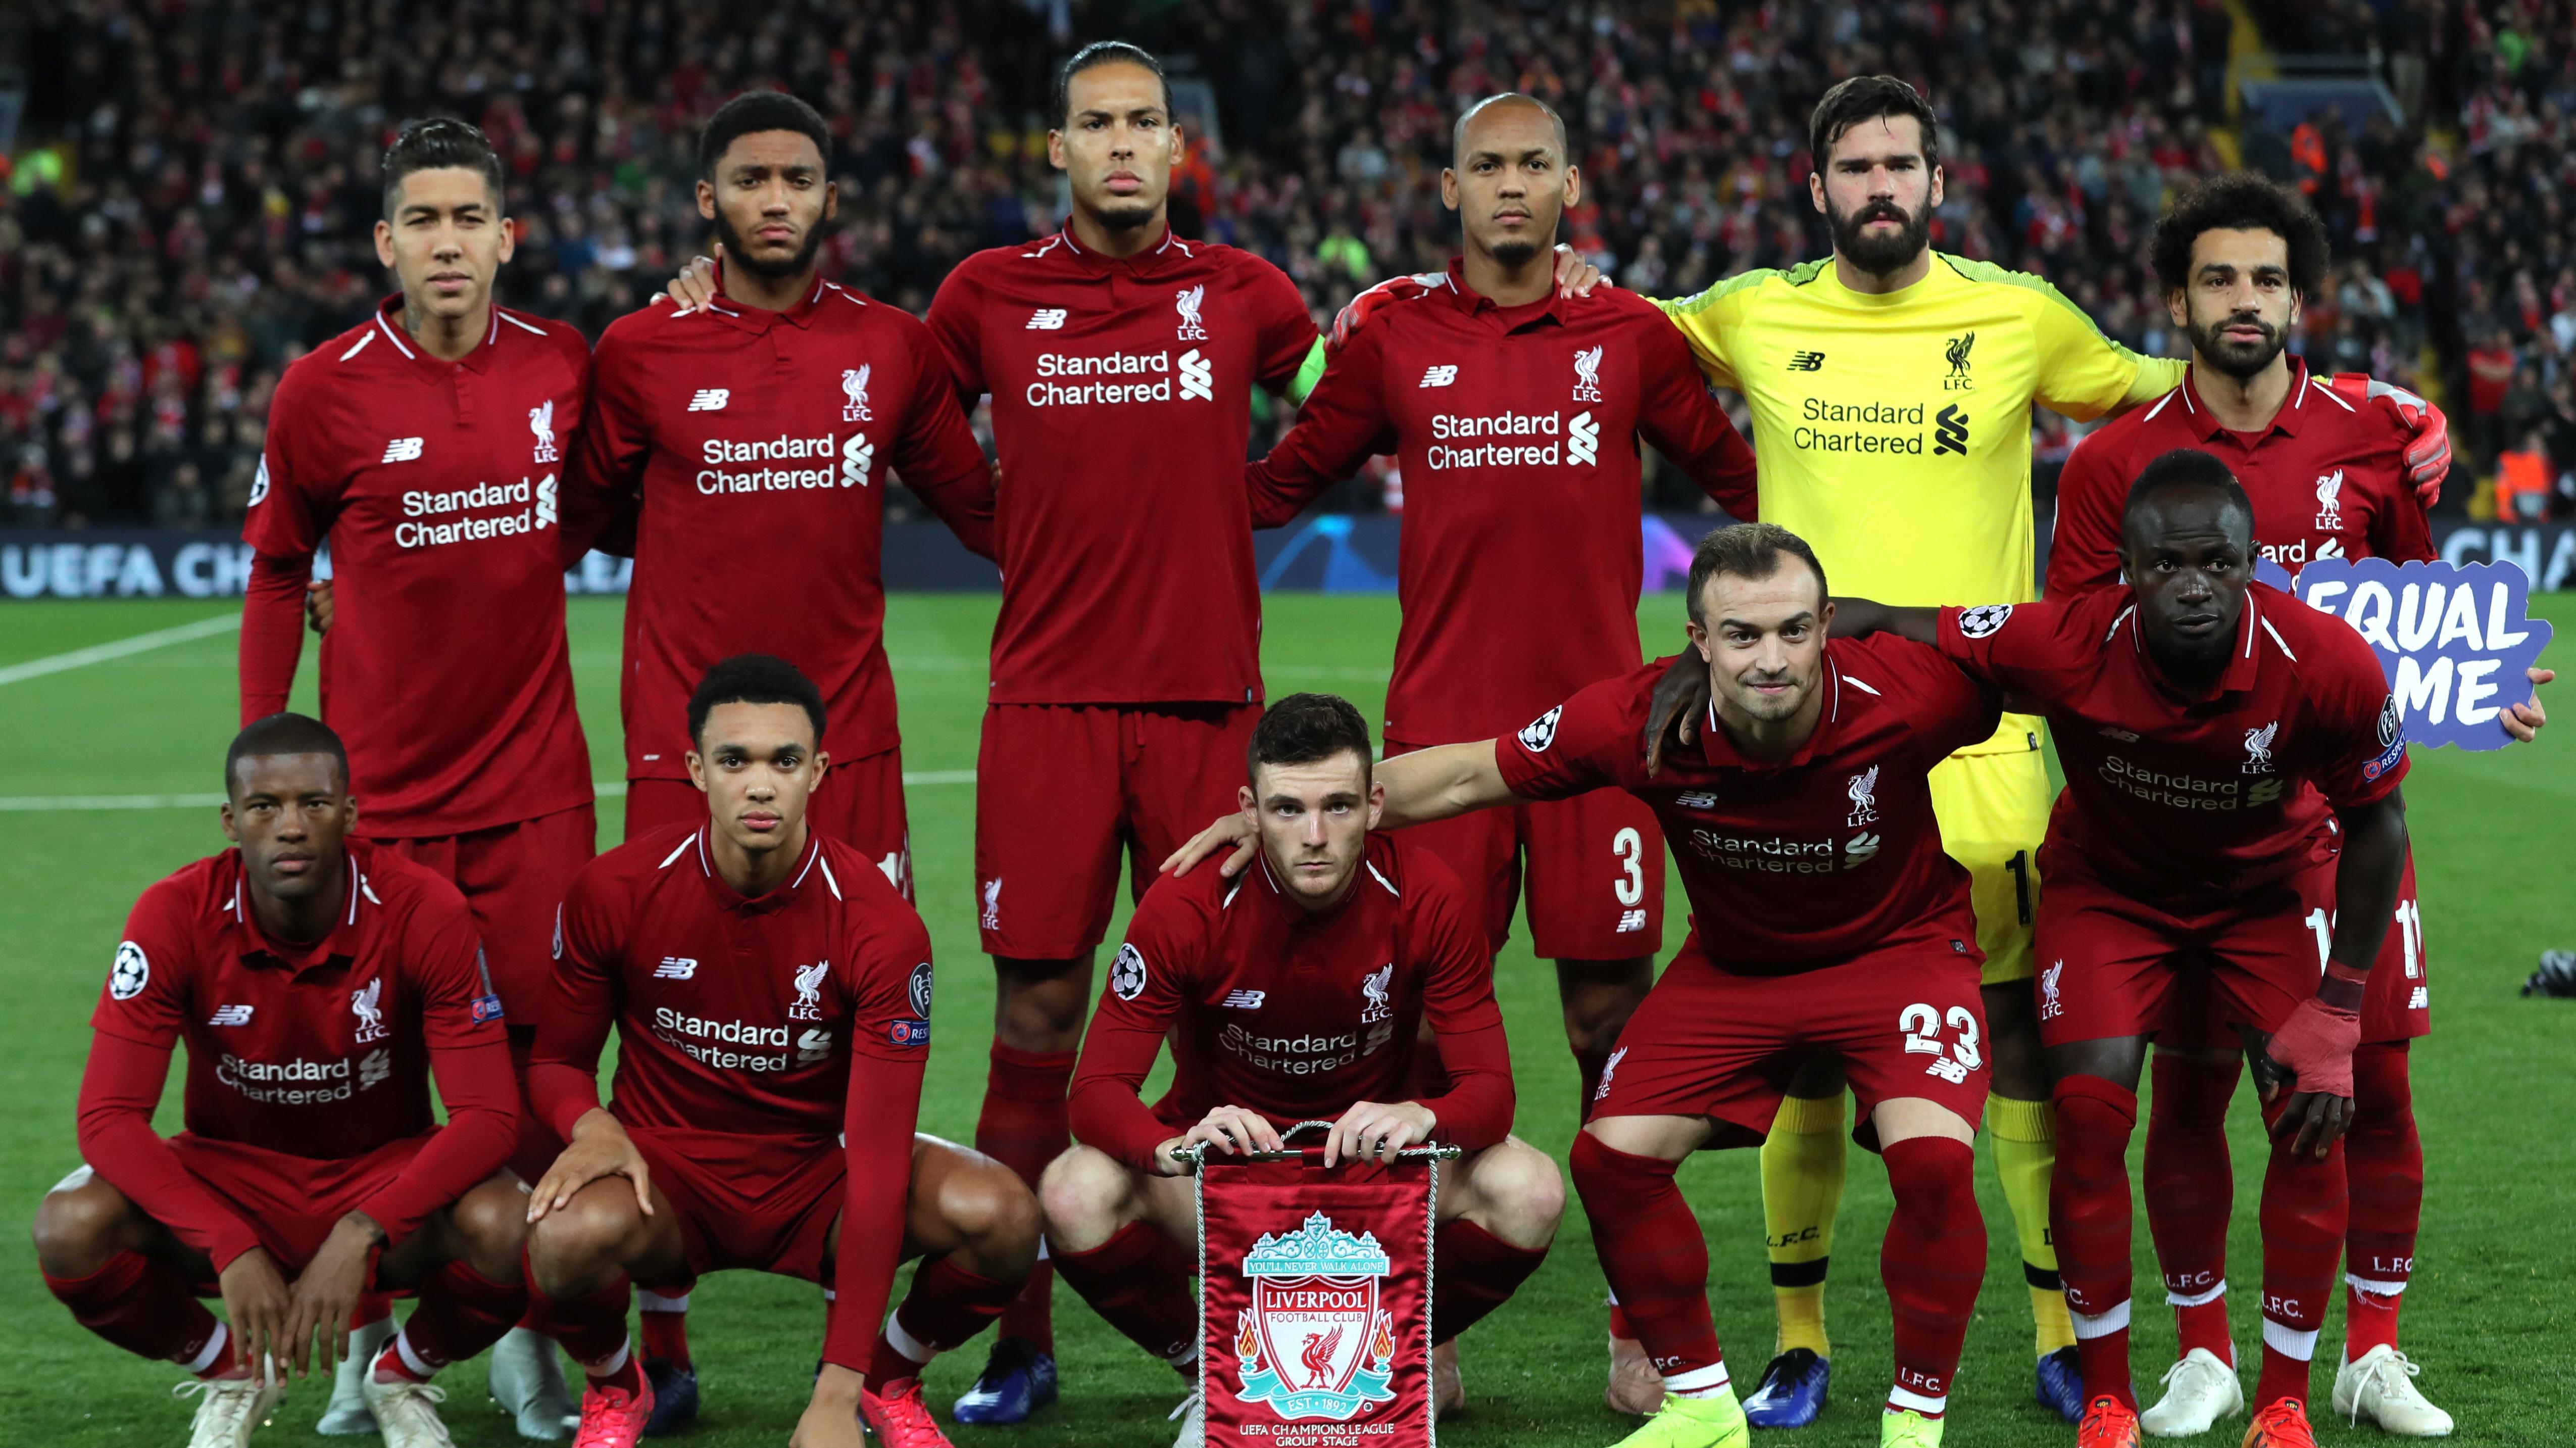 Die Startelf des FC Liverpool vor dem Champions-League-Spiel gegen Belgrad